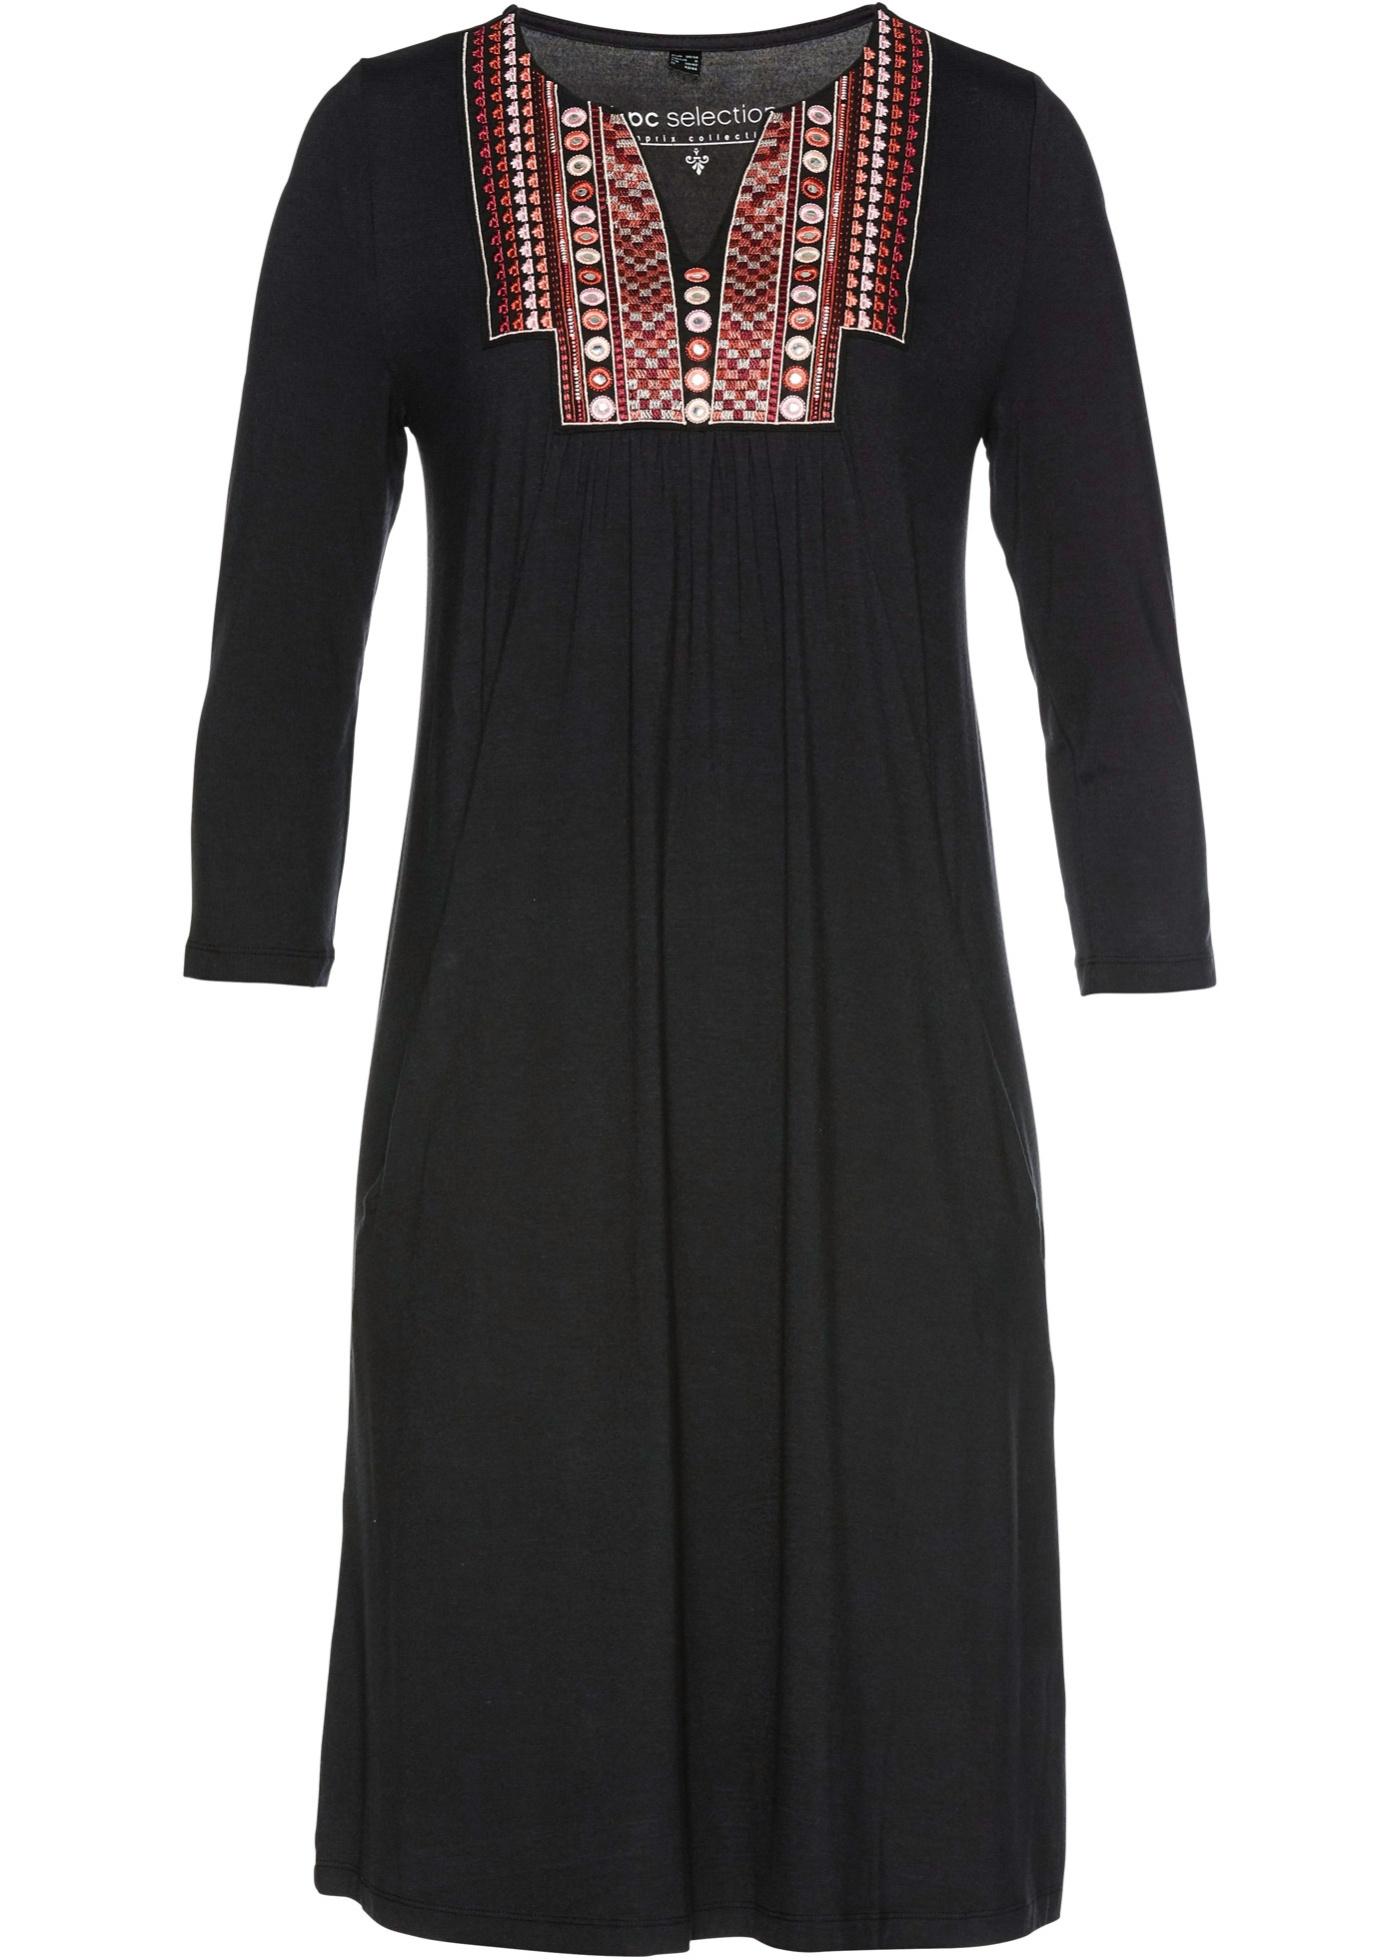 Levné Úpletové šaty | Černá barva šatů